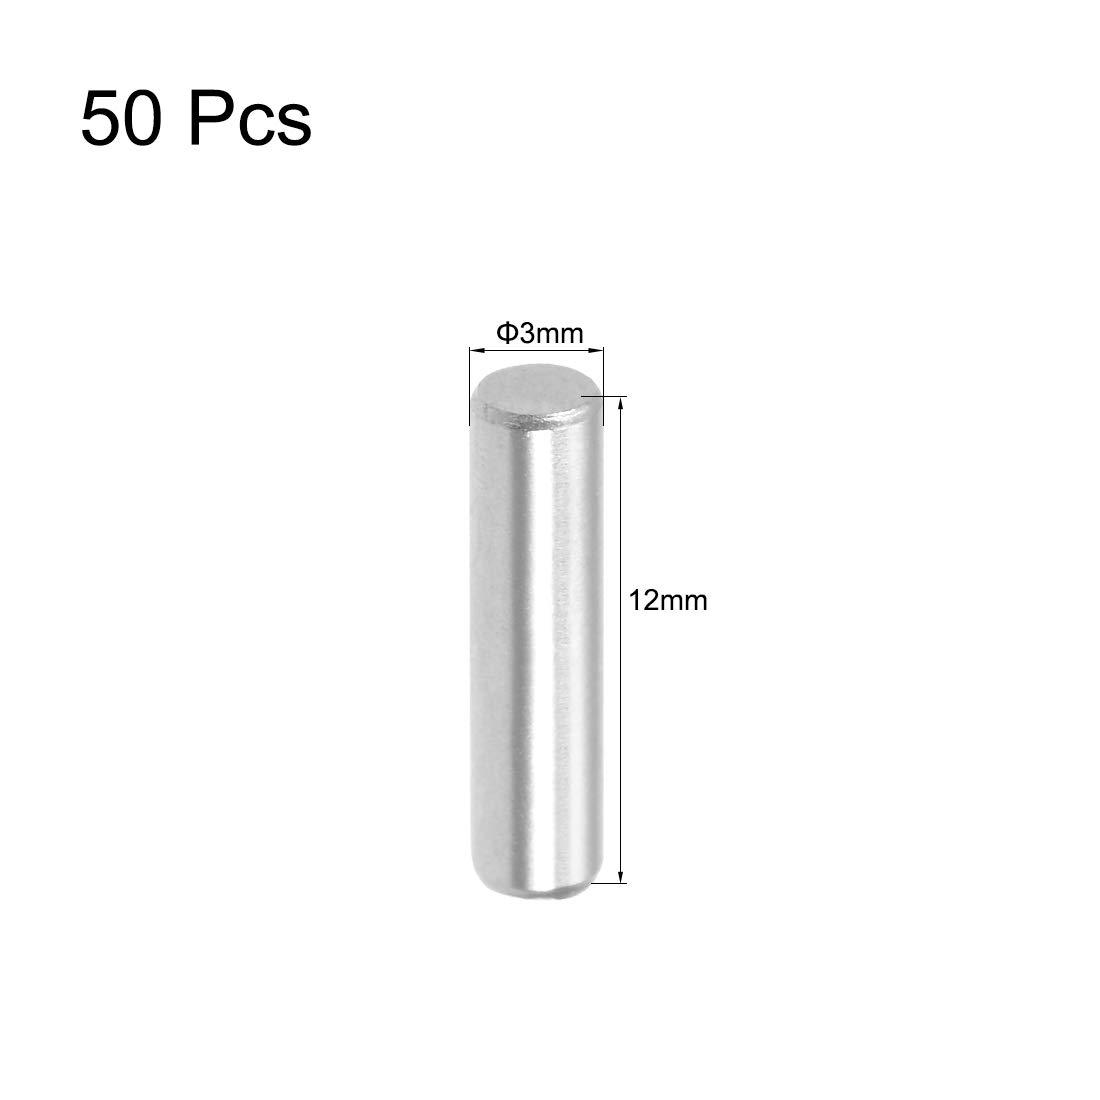 sourcing map 50pcs 3mm x 12mm Pasador Pasador de Acero Inoxidable 304 Soporte Pin Sujetar Elementos